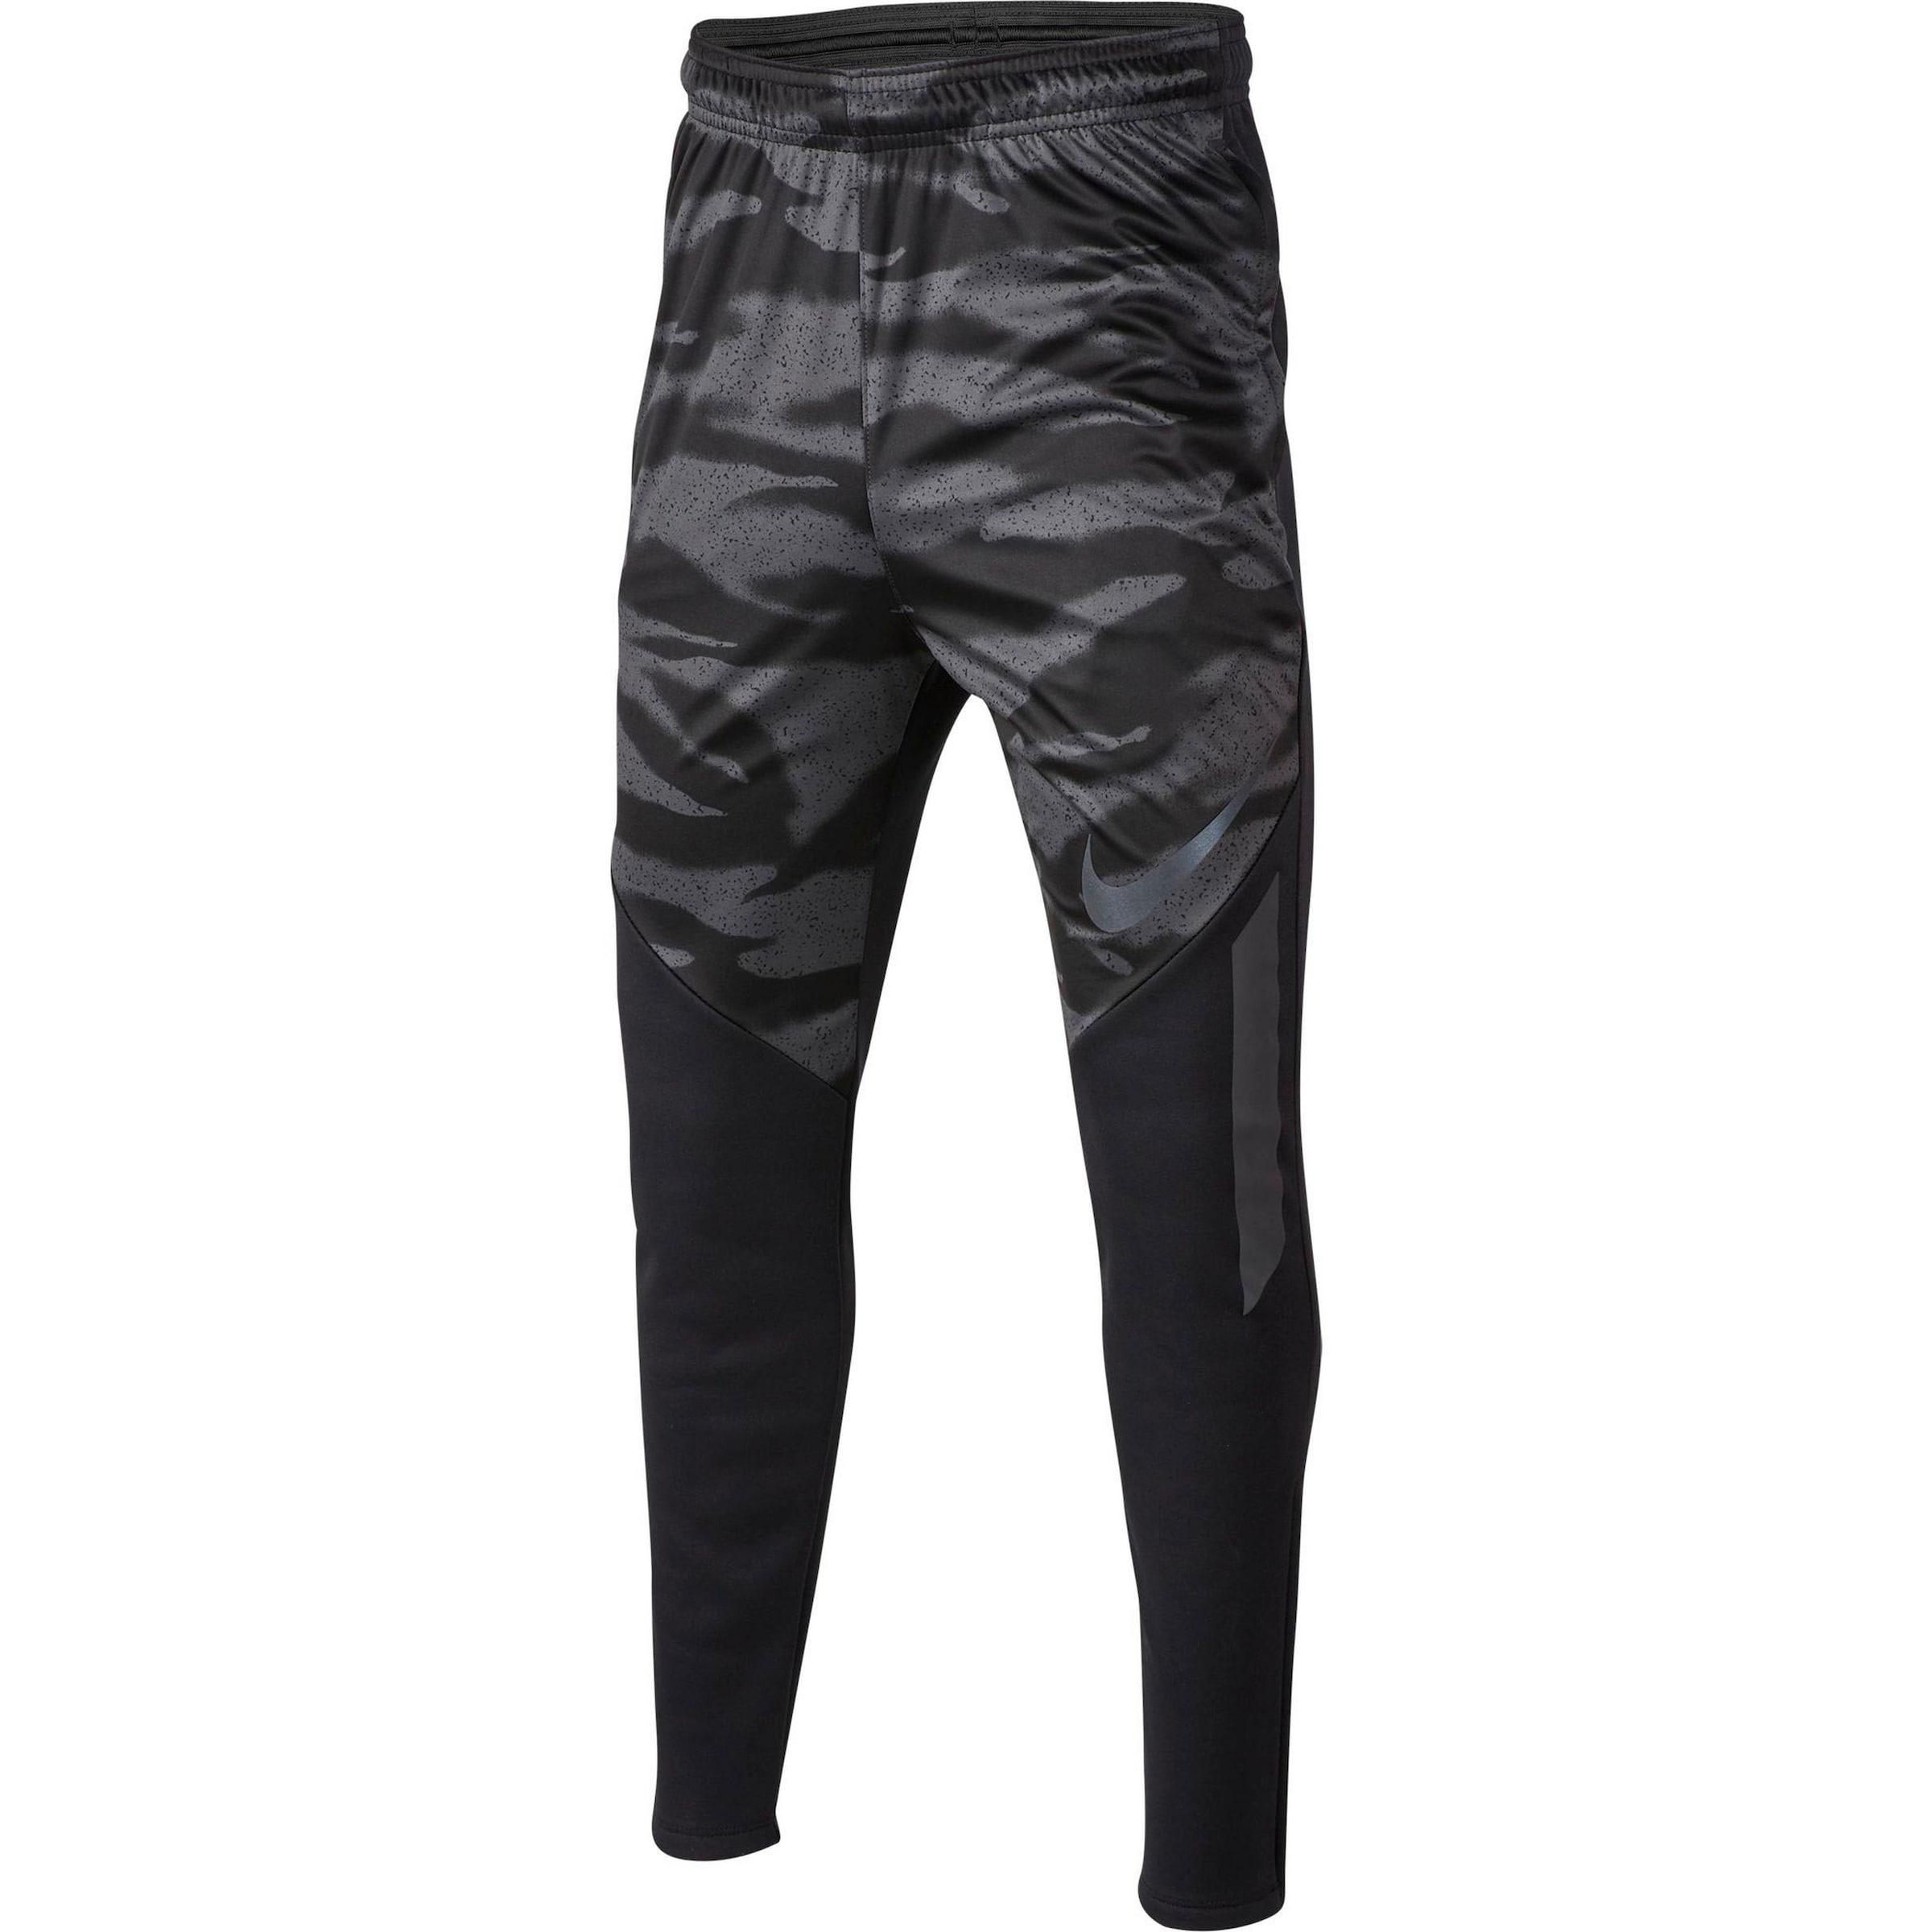 Jungen,  Kinder,  Kinder Nike Trainingshose 'THRMA SHLD STRK' anthrazit,  schwarz   00193152545601